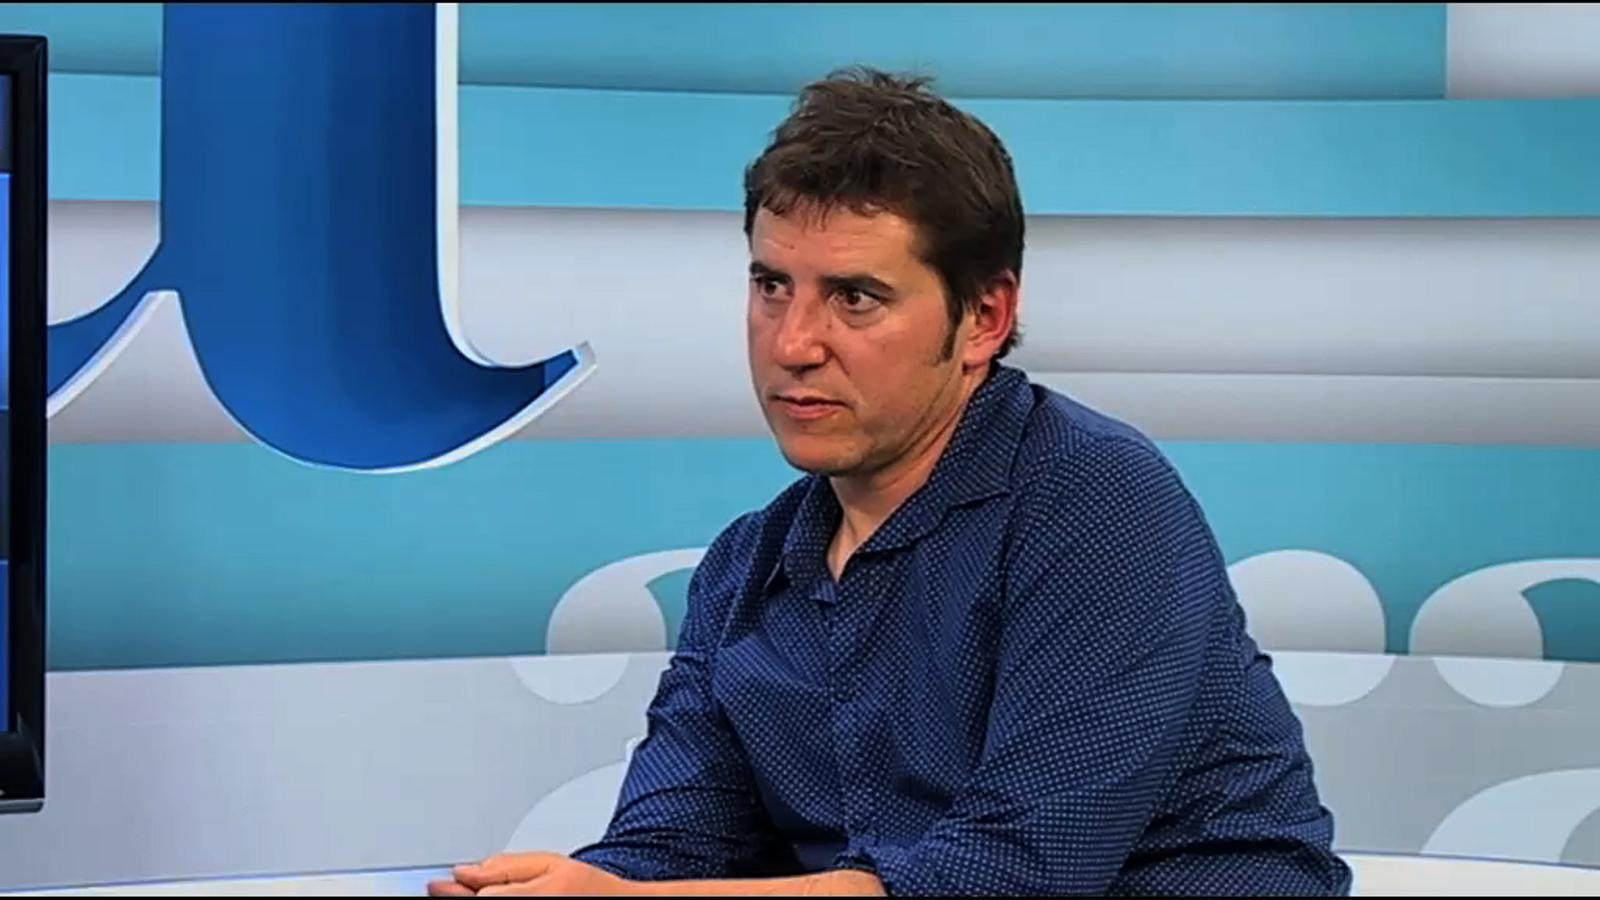 Manel Fuentes: Crec molt en la gent de tot arreu d'Espanya